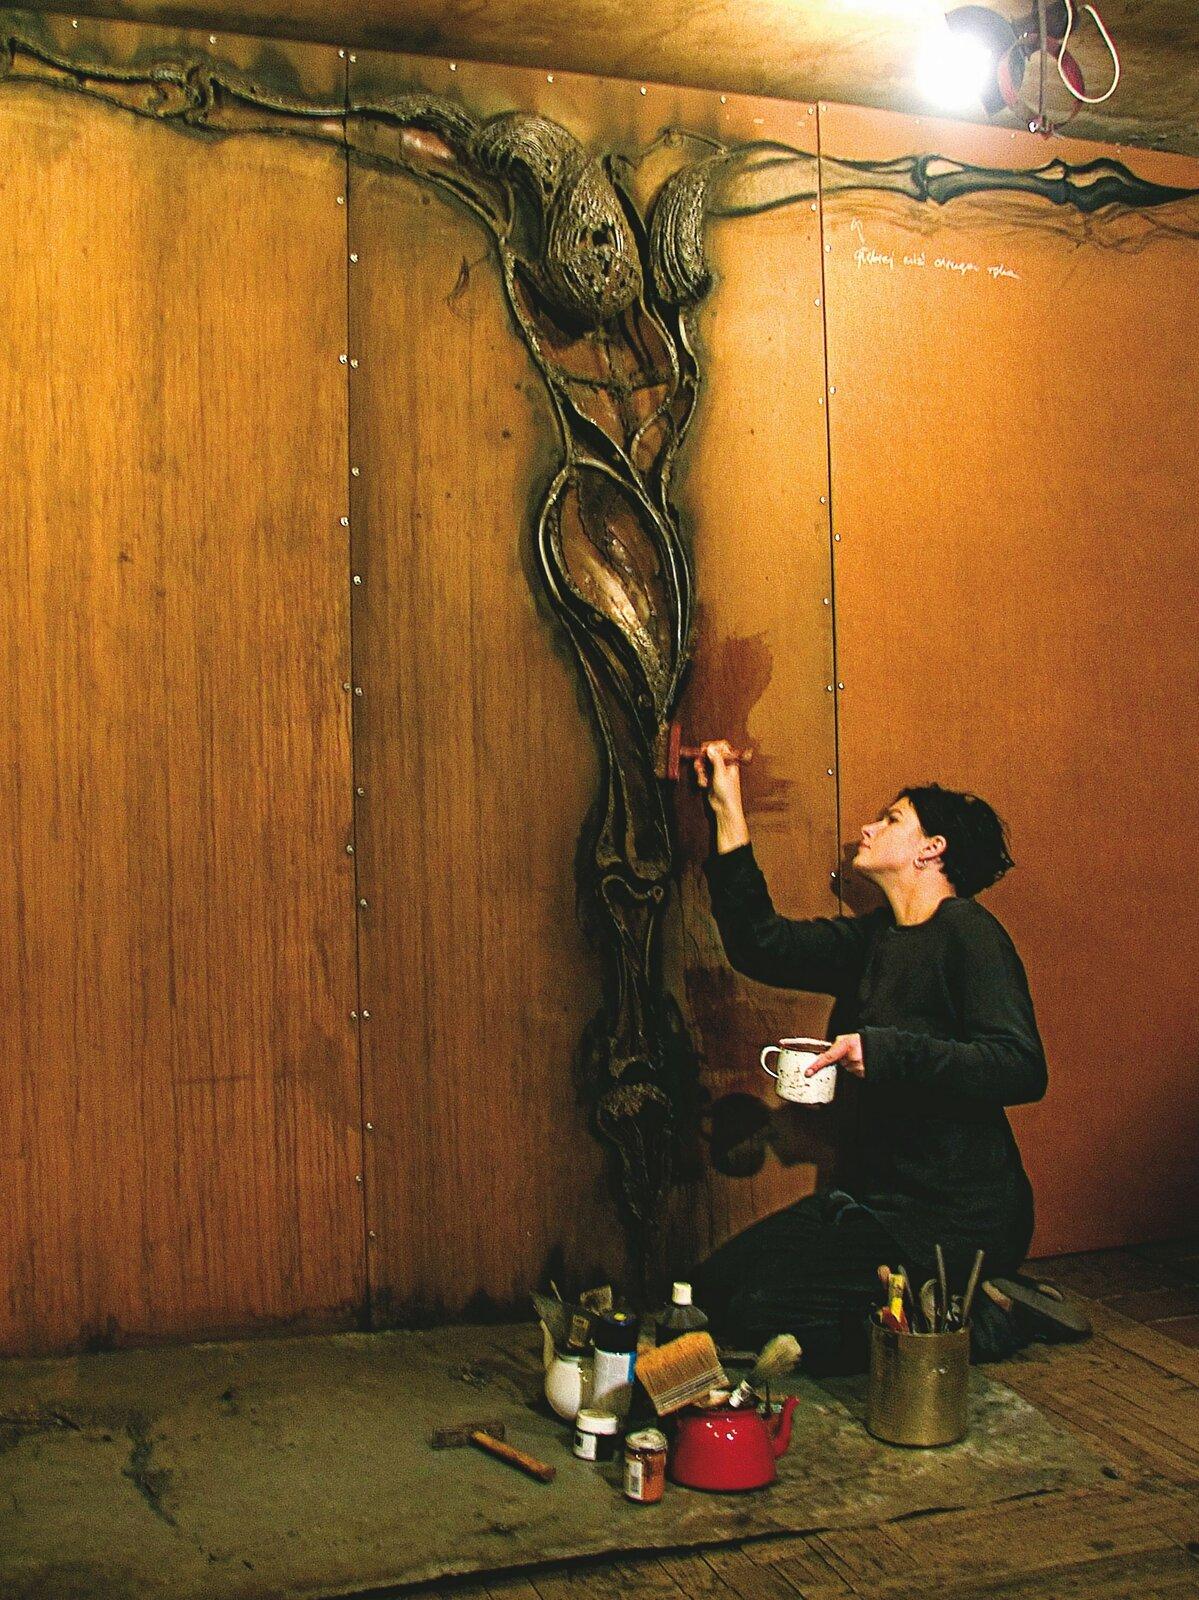 """Ilustracja przedstawia Annę Wysocką wtrakcie pracy nad instalacją """"Bez tytułu"""". Na zdjęciu ukazana jest artystka malująca znajdującą się na pomarańczowej płaszczyźnie, rzeźbę przypominającą postać zrozpostartymi ramionami, bez głowy. Kobieta klęczy na ziemi, wprawej ręce trzyma czerwony, szeroki pędzel, natomiast wlewej biały kubek. Ubrana jest wczarny kombinezon. Na ziemi stoją pojemniki zpędzlami ifarby wsłoiczkach, obok nich leży młotek. Miejsce pracy oświetlone jest zwisającą zgóry lampą."""